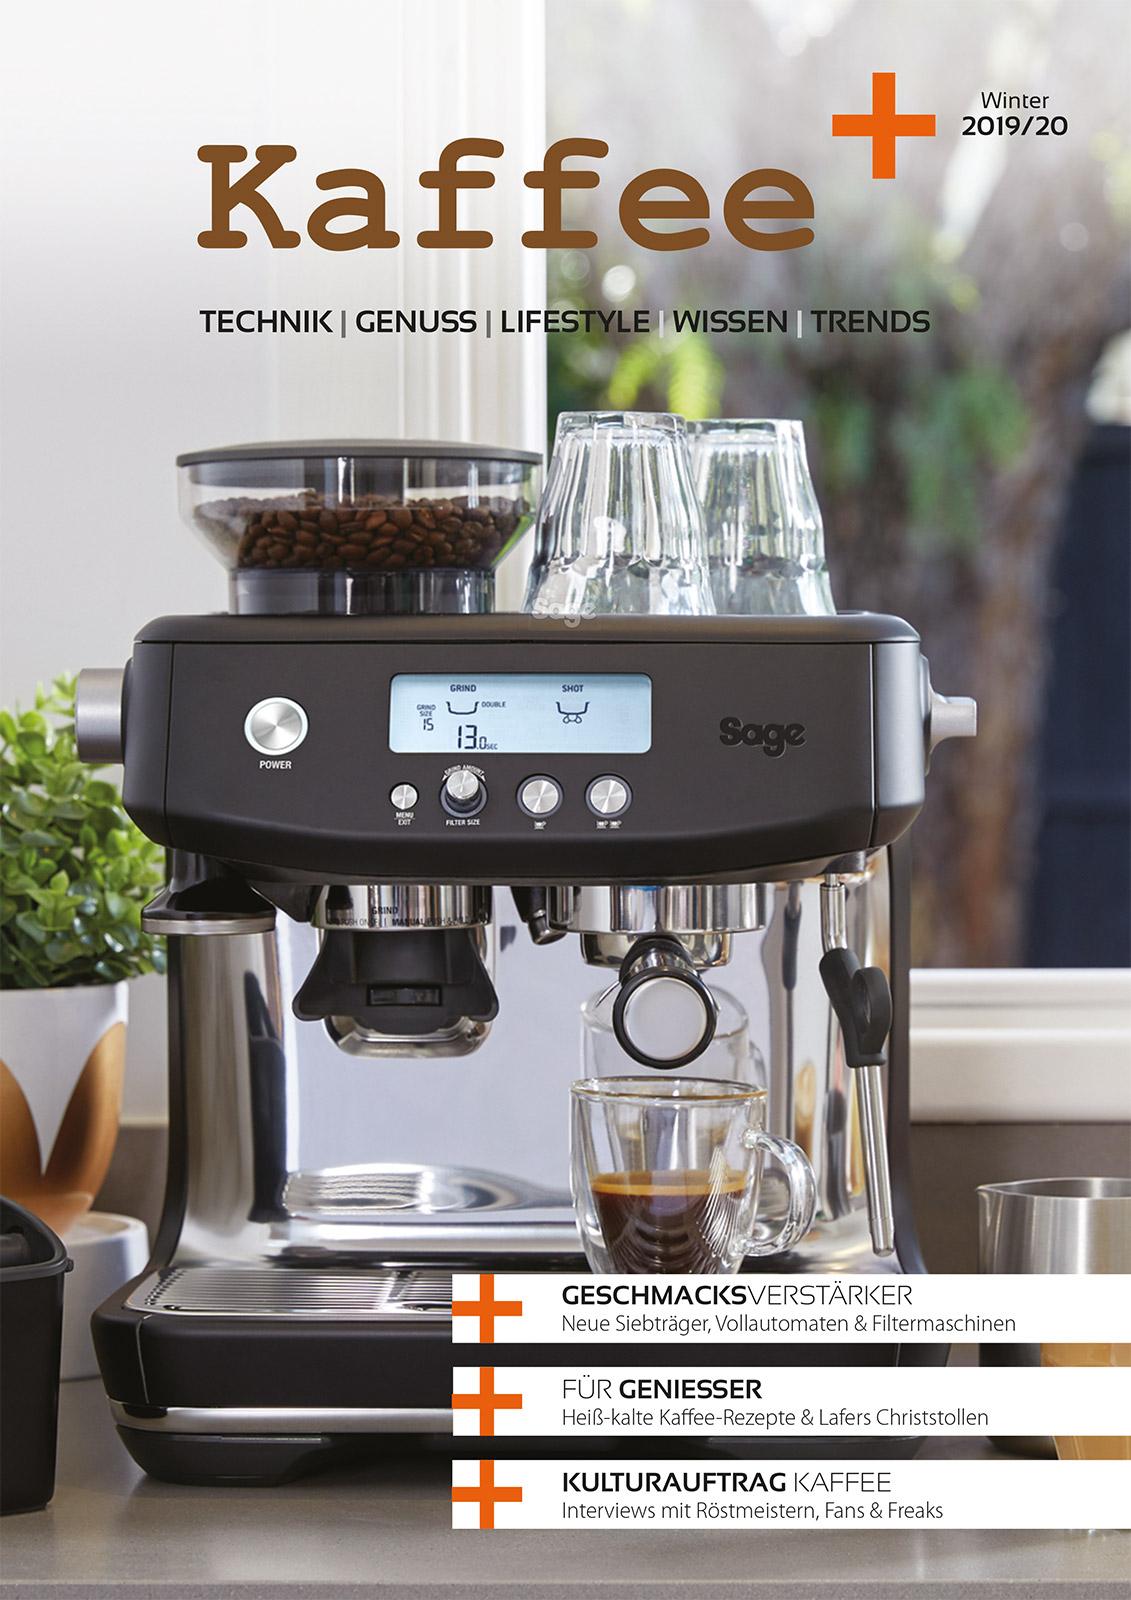 Kaffee+ Titelseite 2019/20